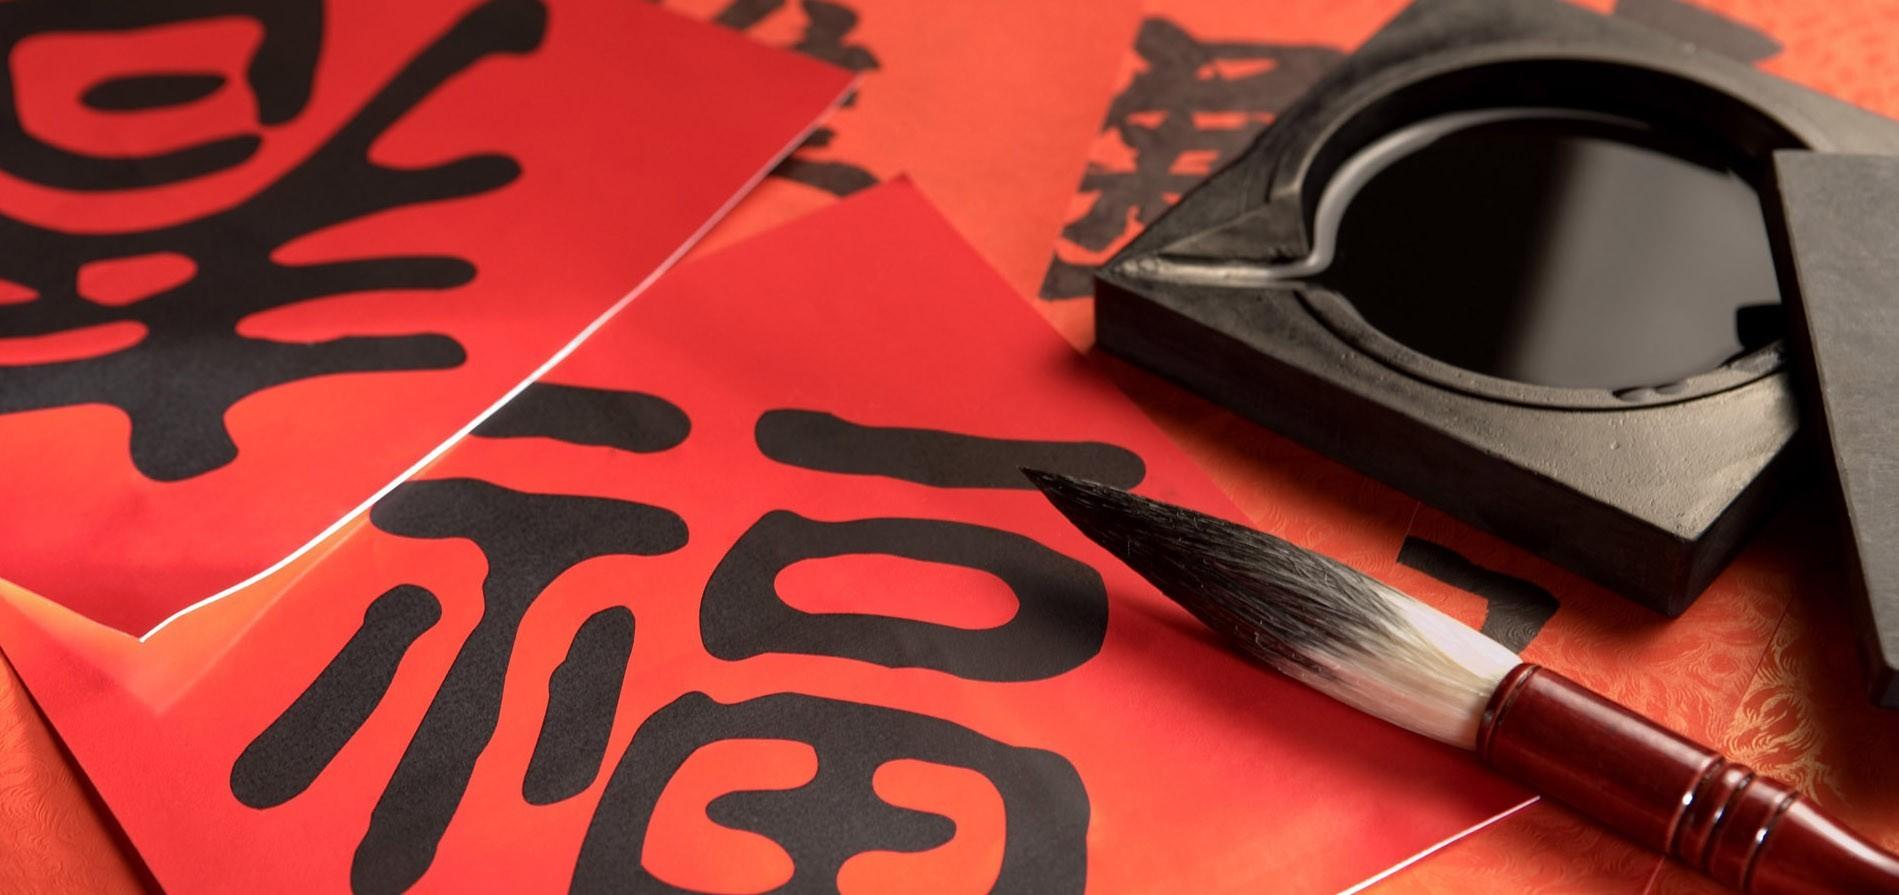 китайского языка являются наиболее популярный